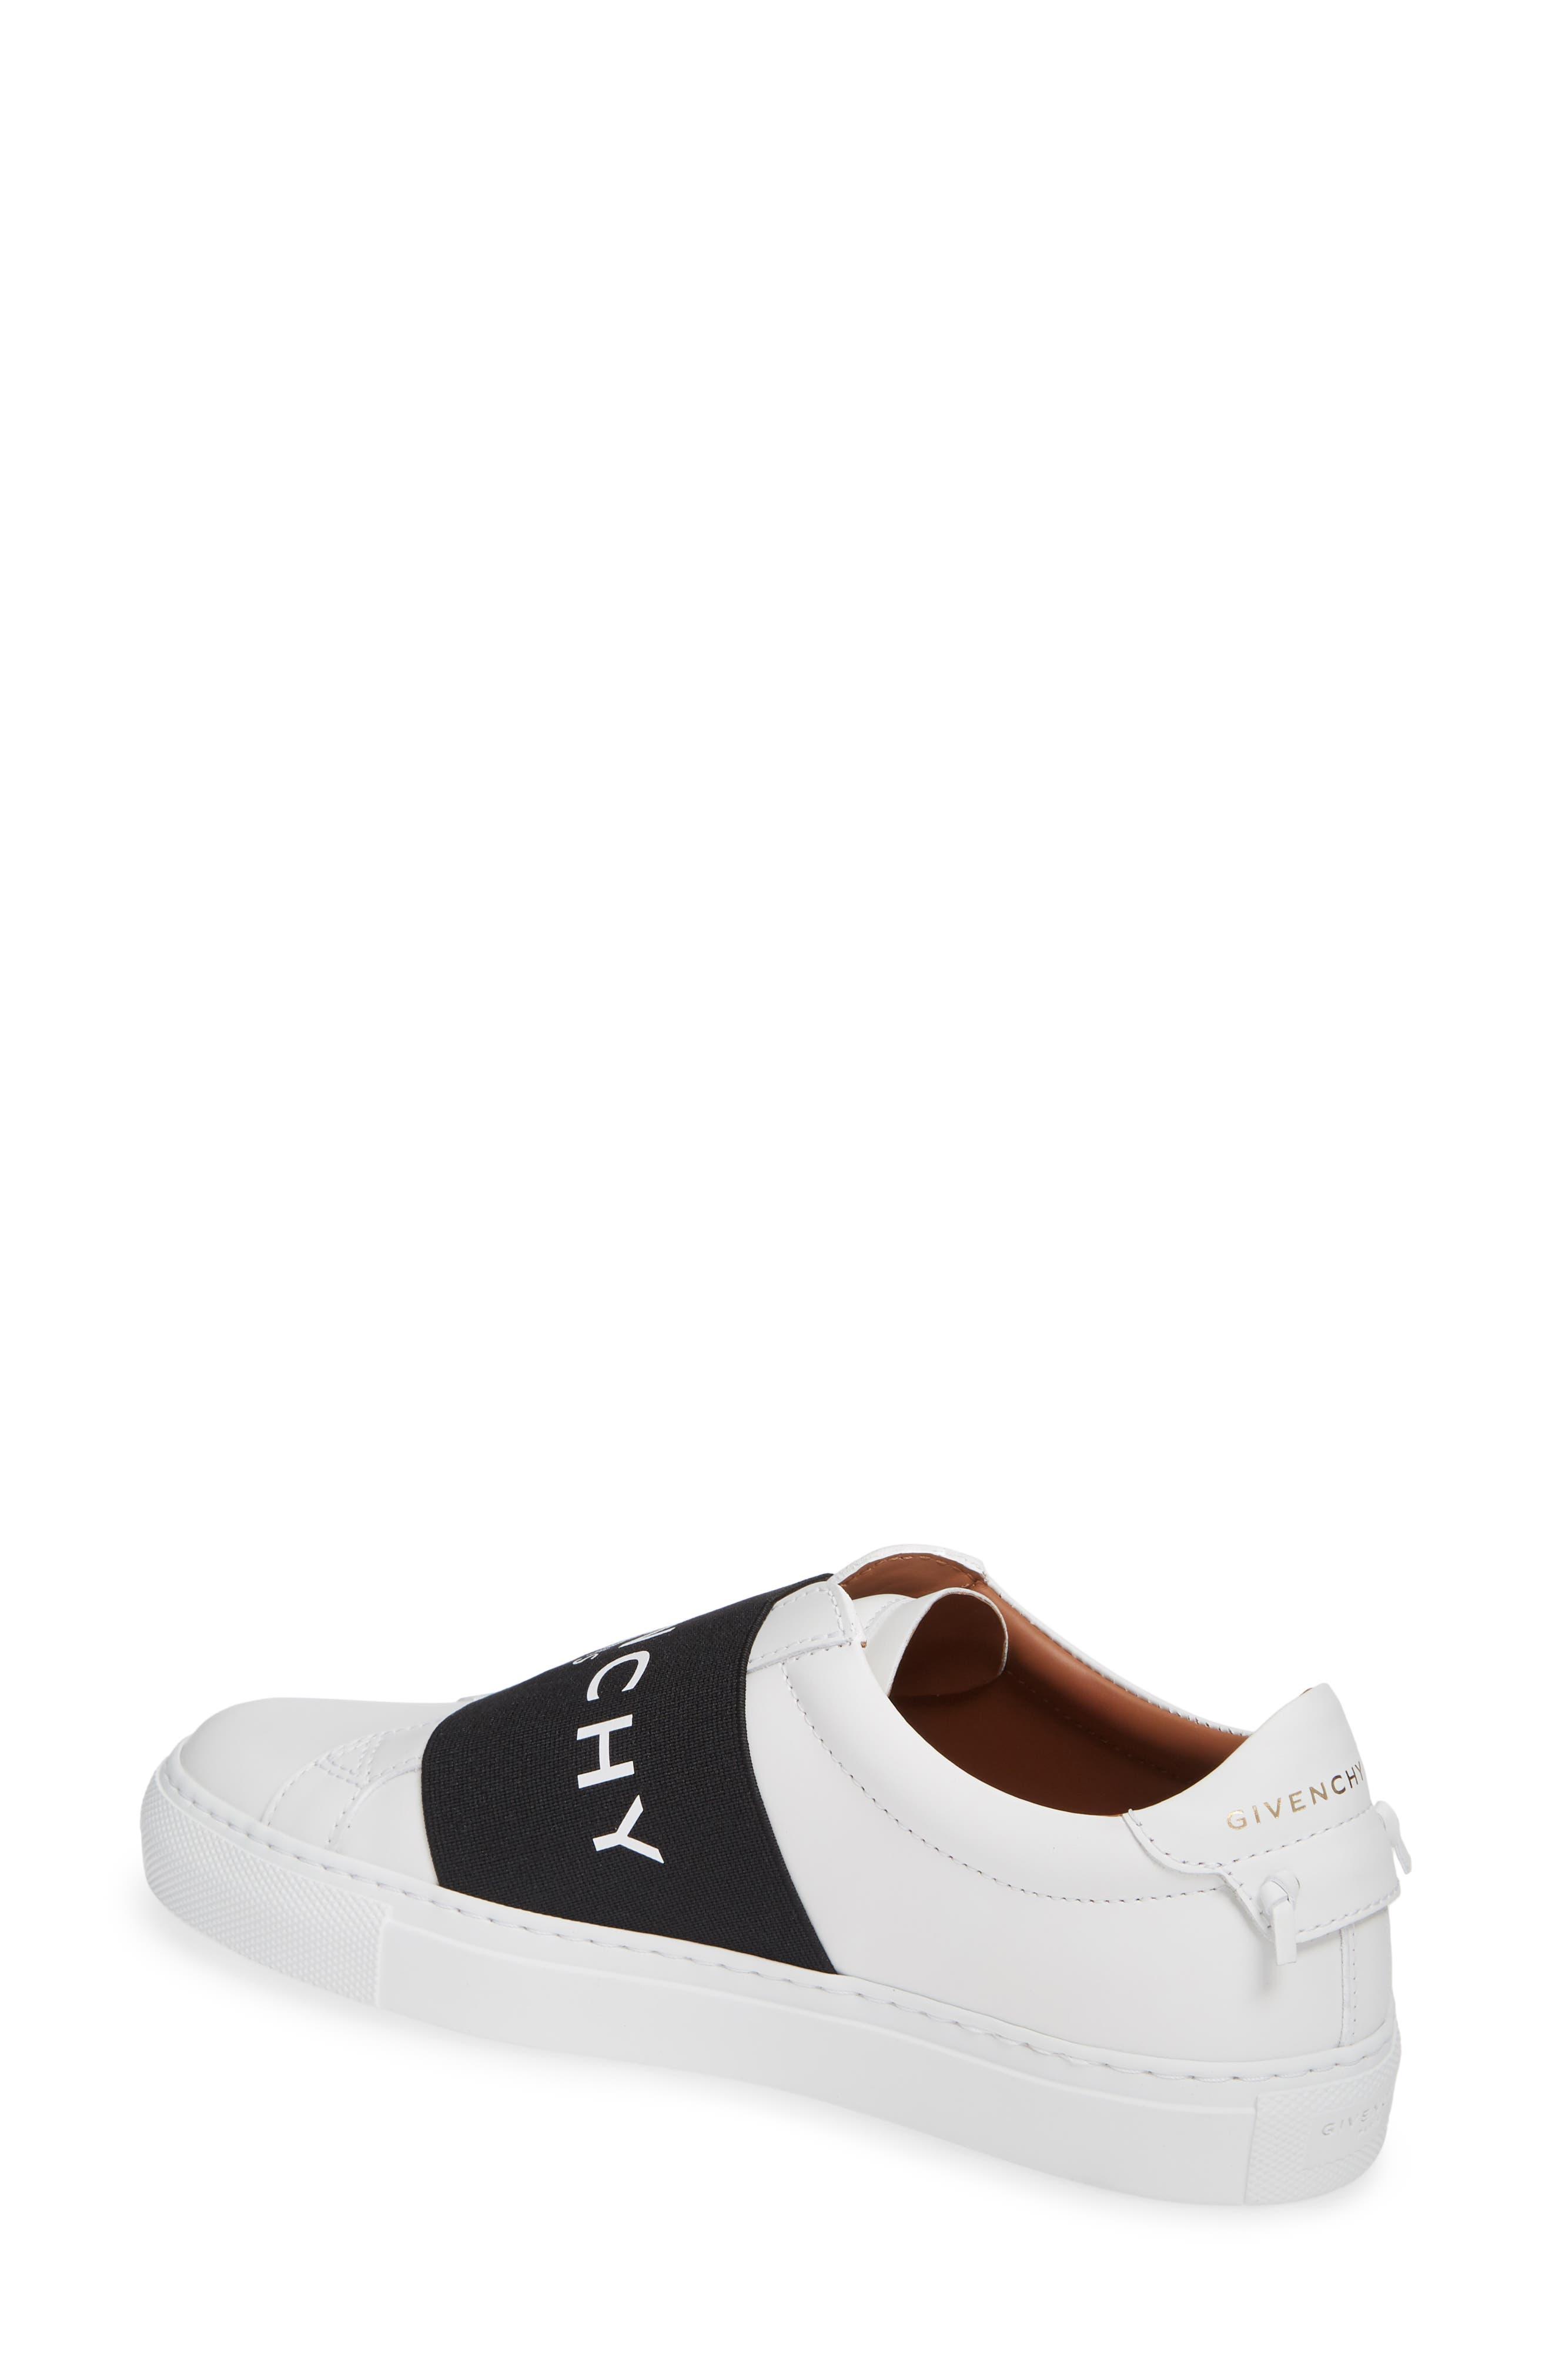 GIVENCHY, Logo Strap Slip-On Sneaker, Alternate thumbnail 2, color, WHITE